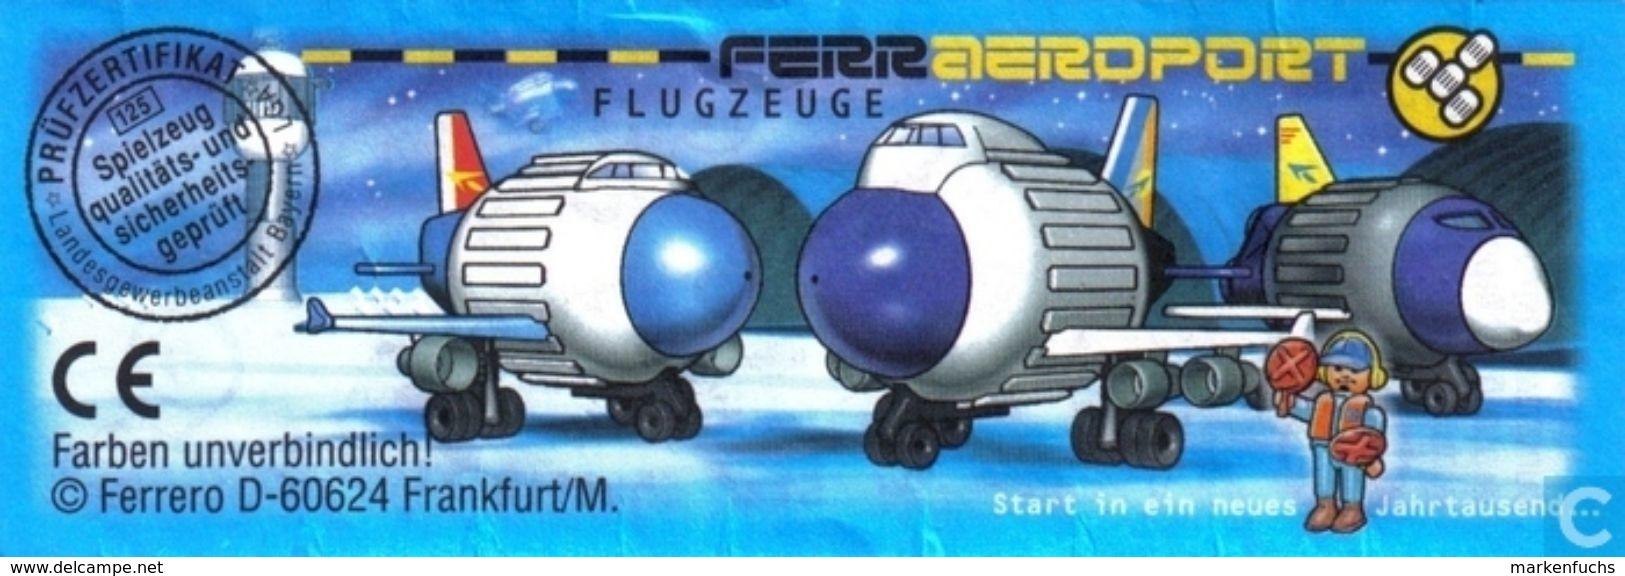 Ferraeroport Flugzeuge / Star Shuttle + BPZ - Ü-Ei